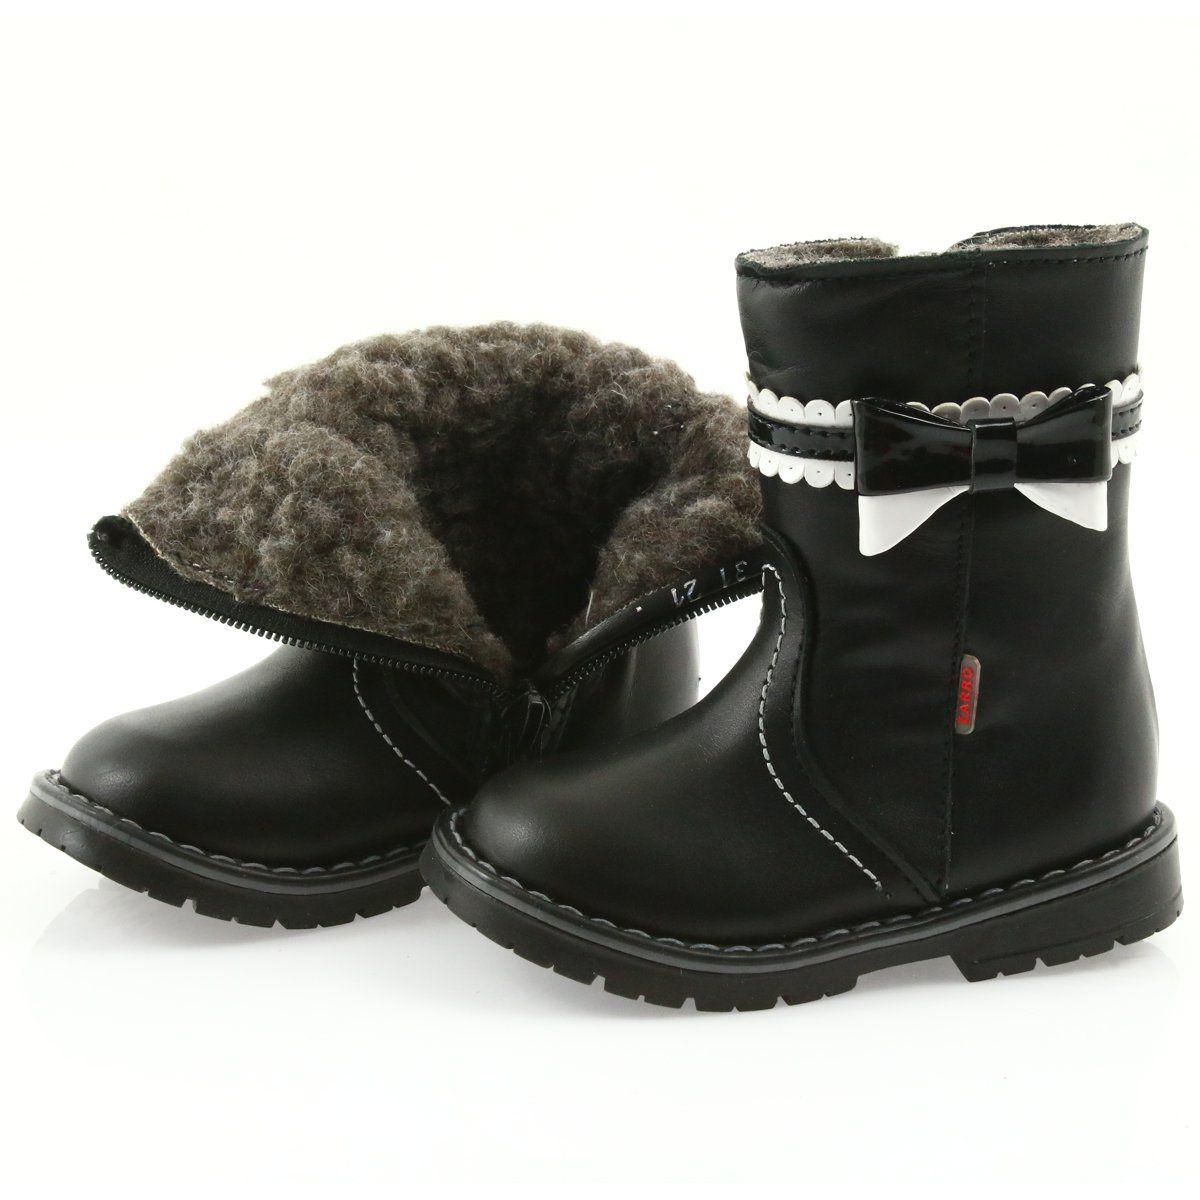 Kozaki Dla Dzieci Zarro Kozaczki Dziewczece Zarro 87 03 Czarne Boots Winter Boot Shoes